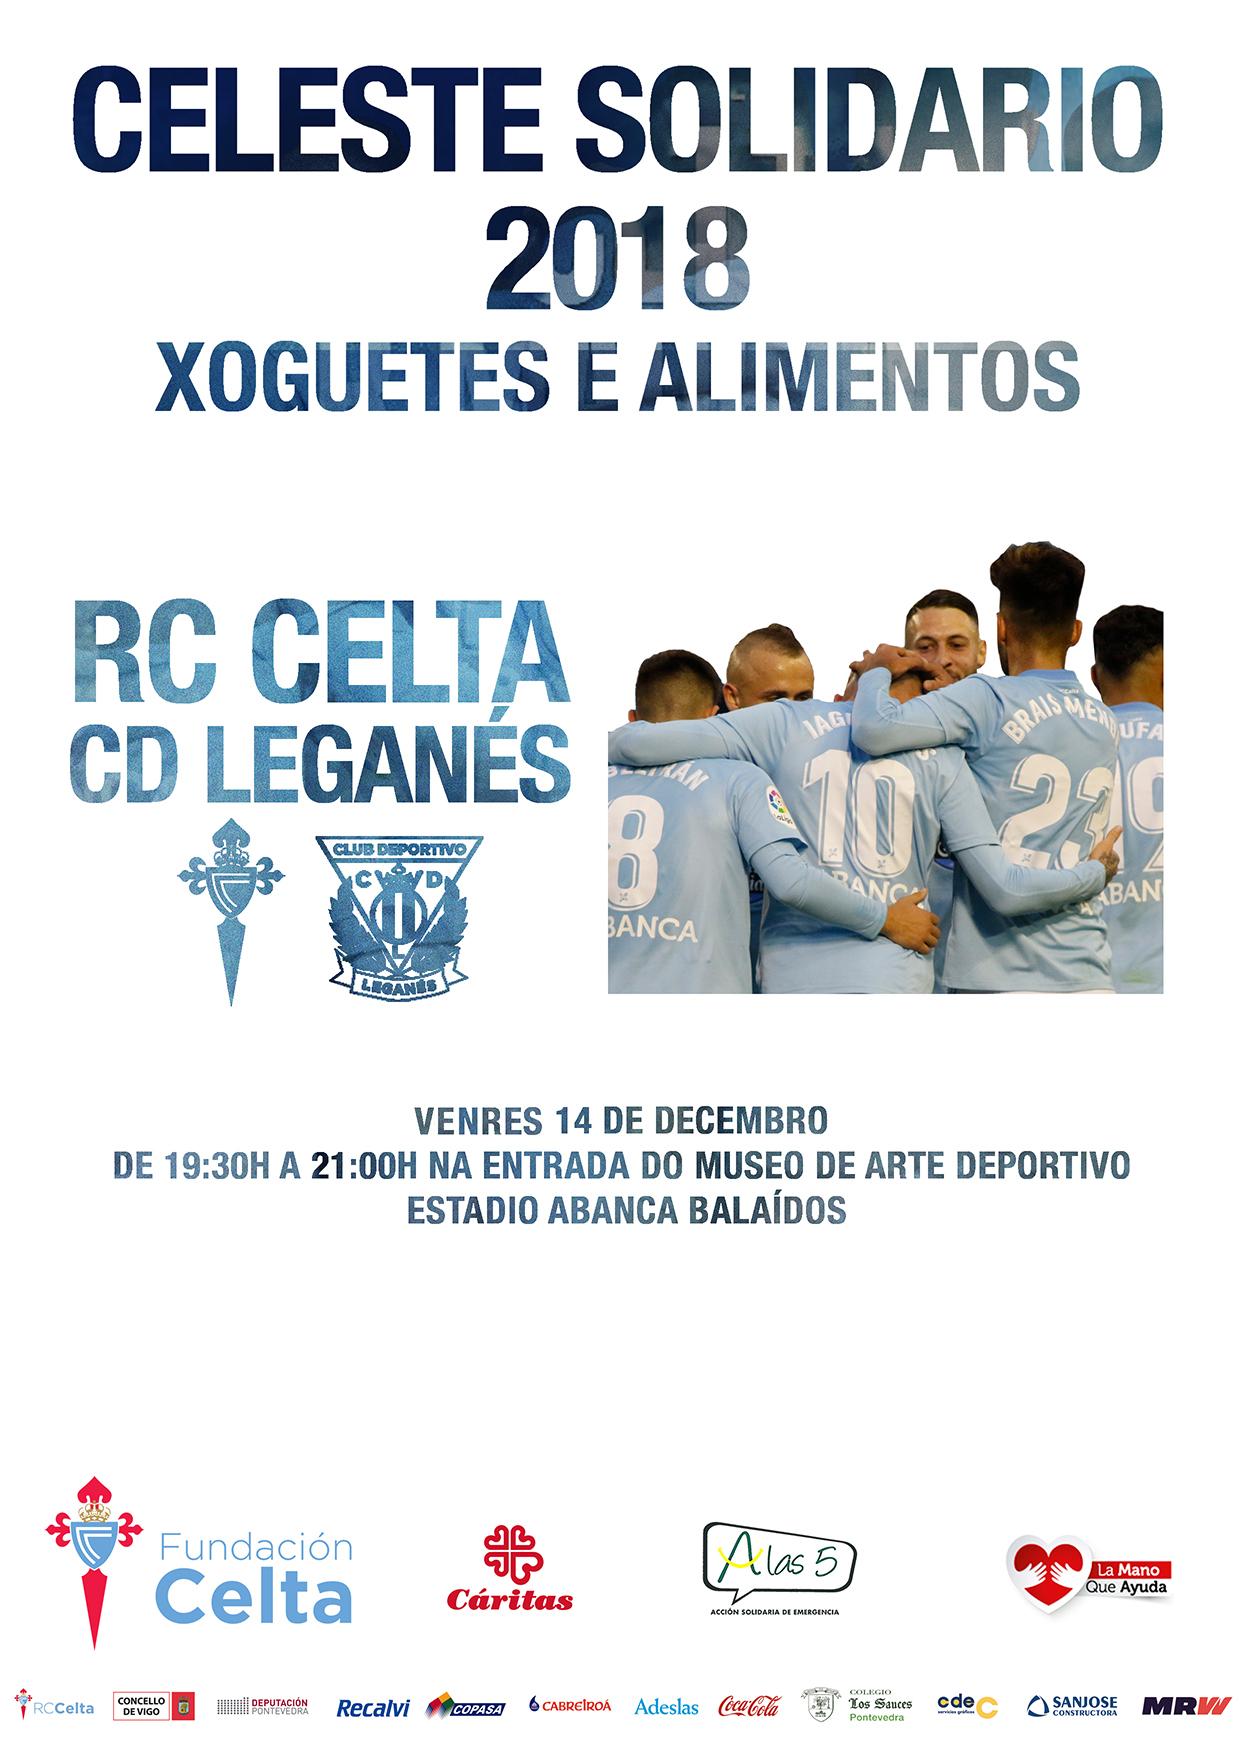 Celeste Solidario LEGANES_2018